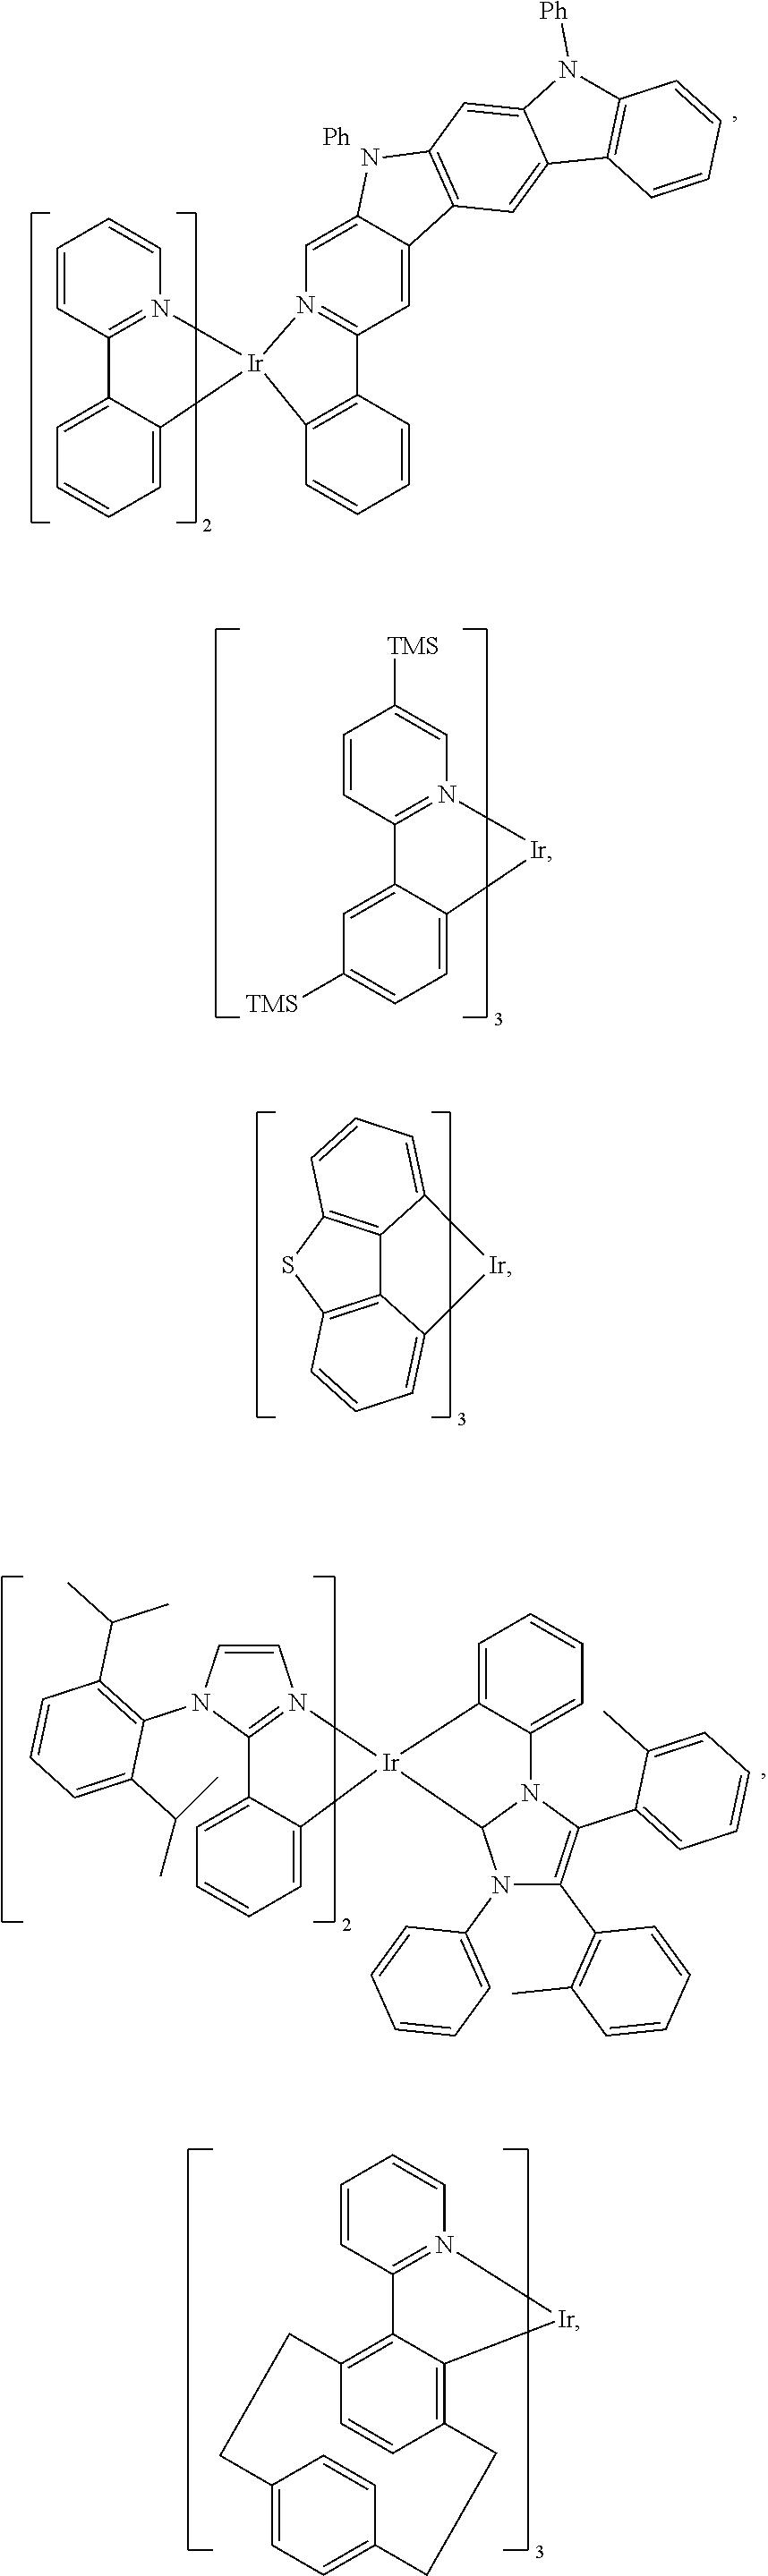 Figure US20190161504A1-20190530-C00077